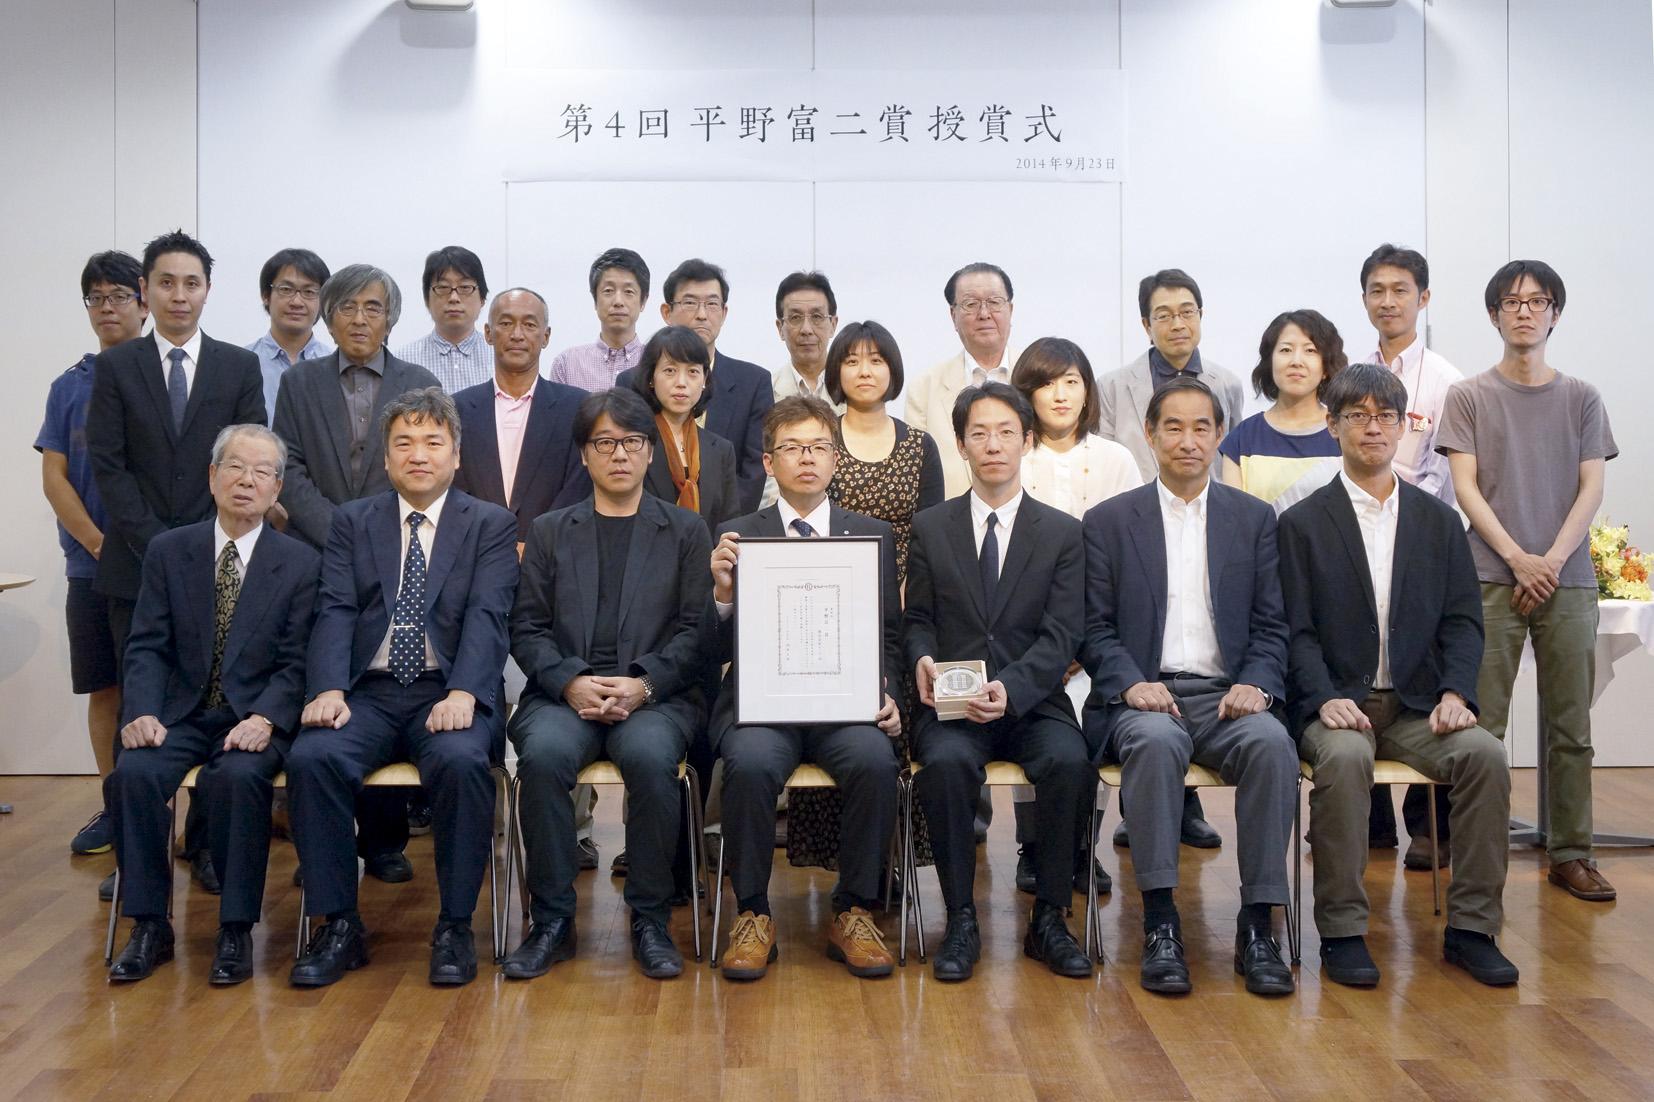 平野富二賞授賞式後の記念撮影